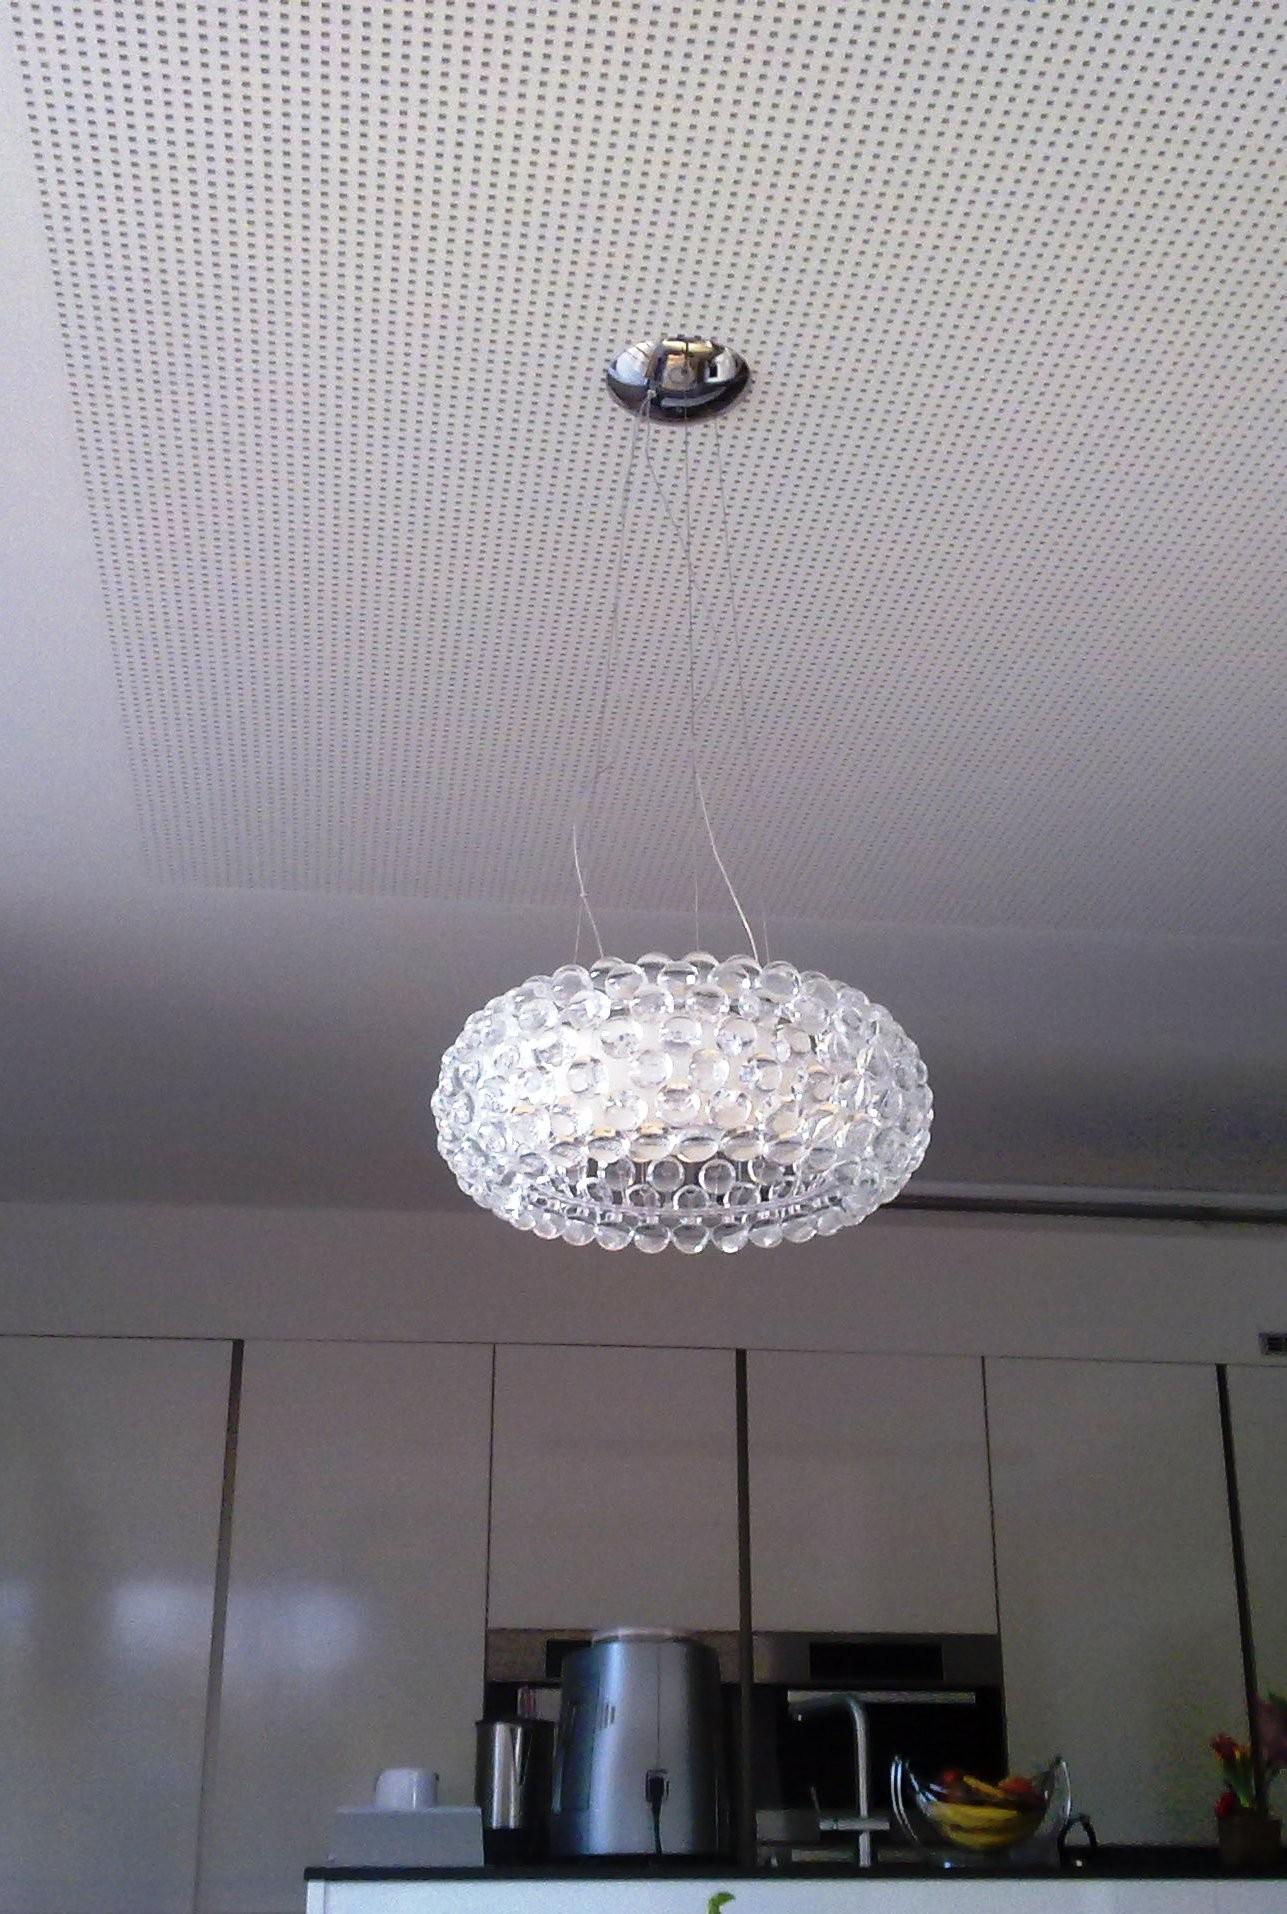 Foscarini Caboche Medium Suspension Lamp  Deplaincom